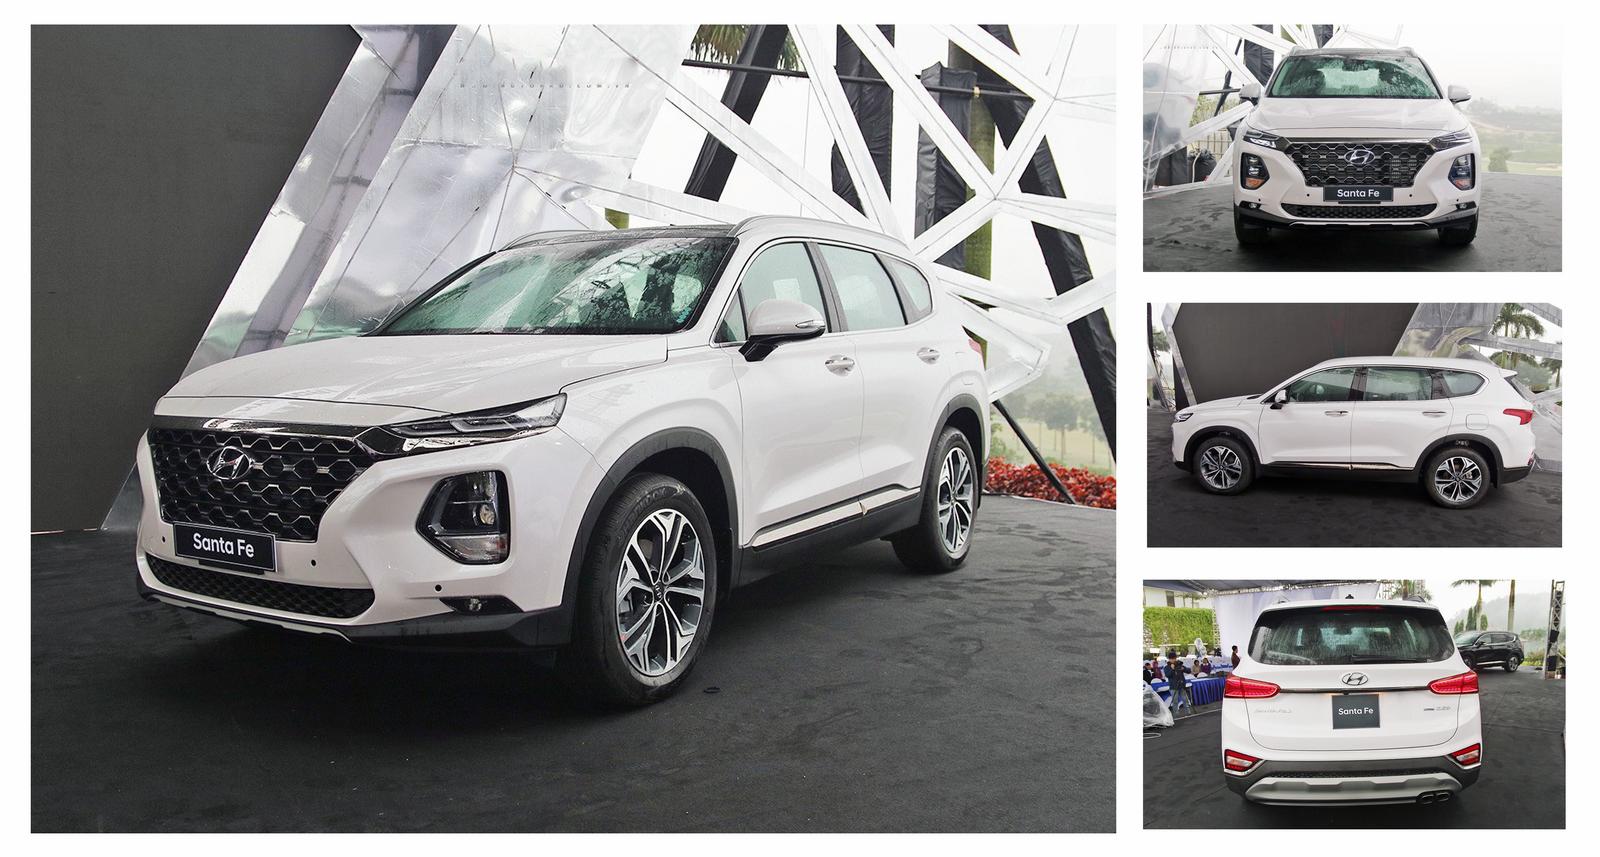 chi tiet hyundai santafe 2019 1 - Hyundai Santafe mới: giá xe và khuyến mãi tháng [hienthithang]/[hienthinam]